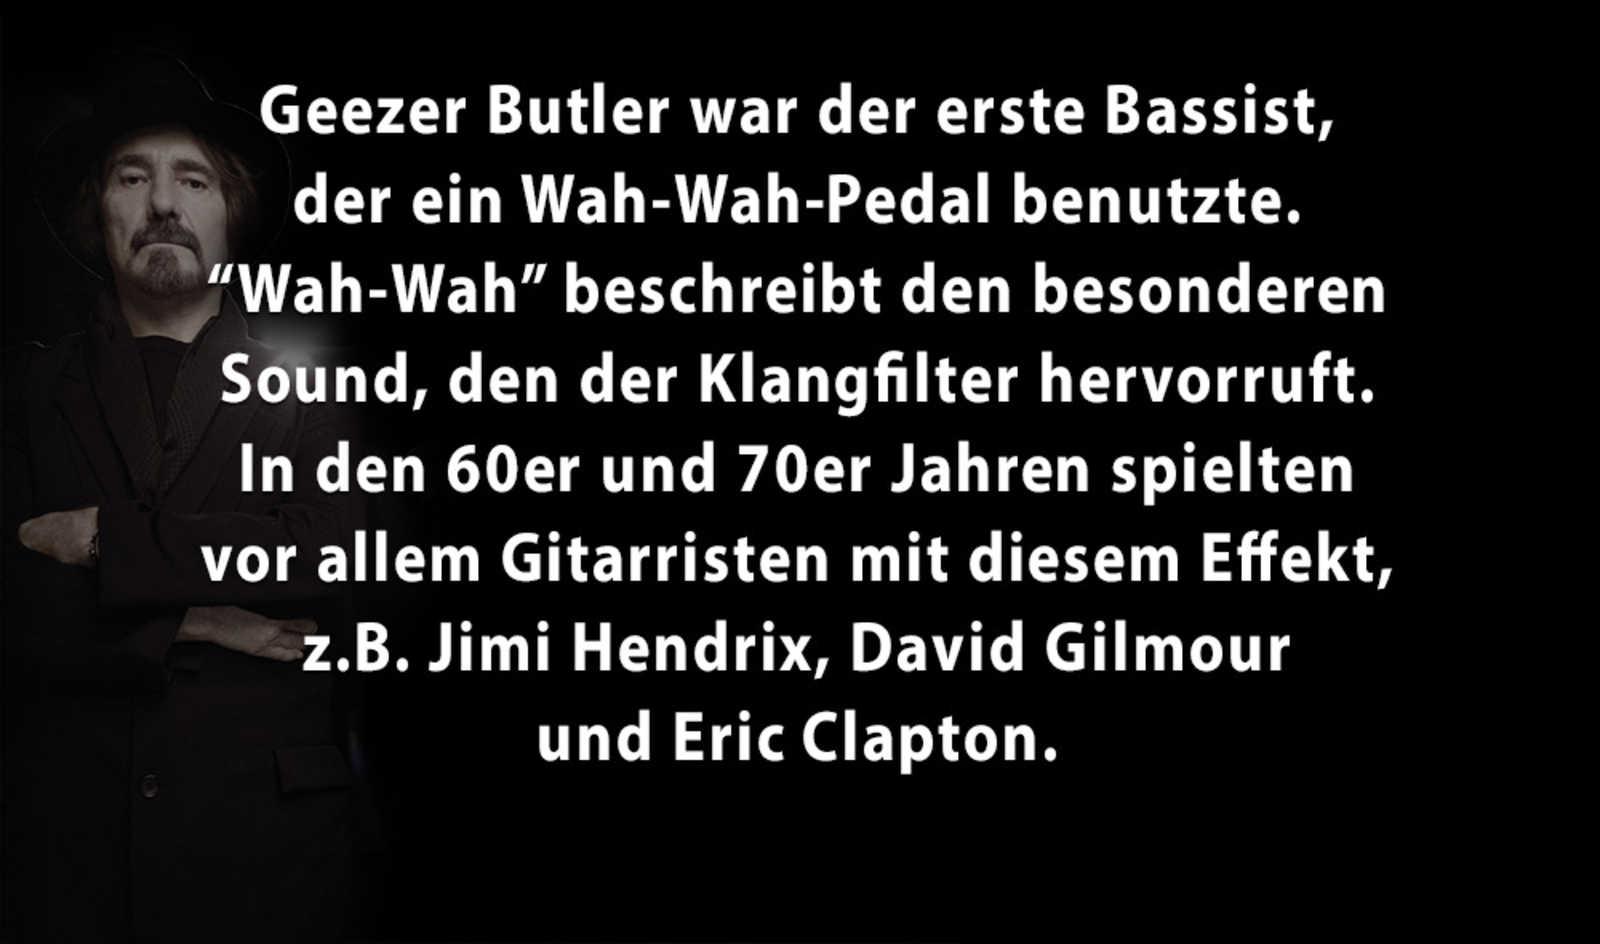 5 Facts über Geezer Butler